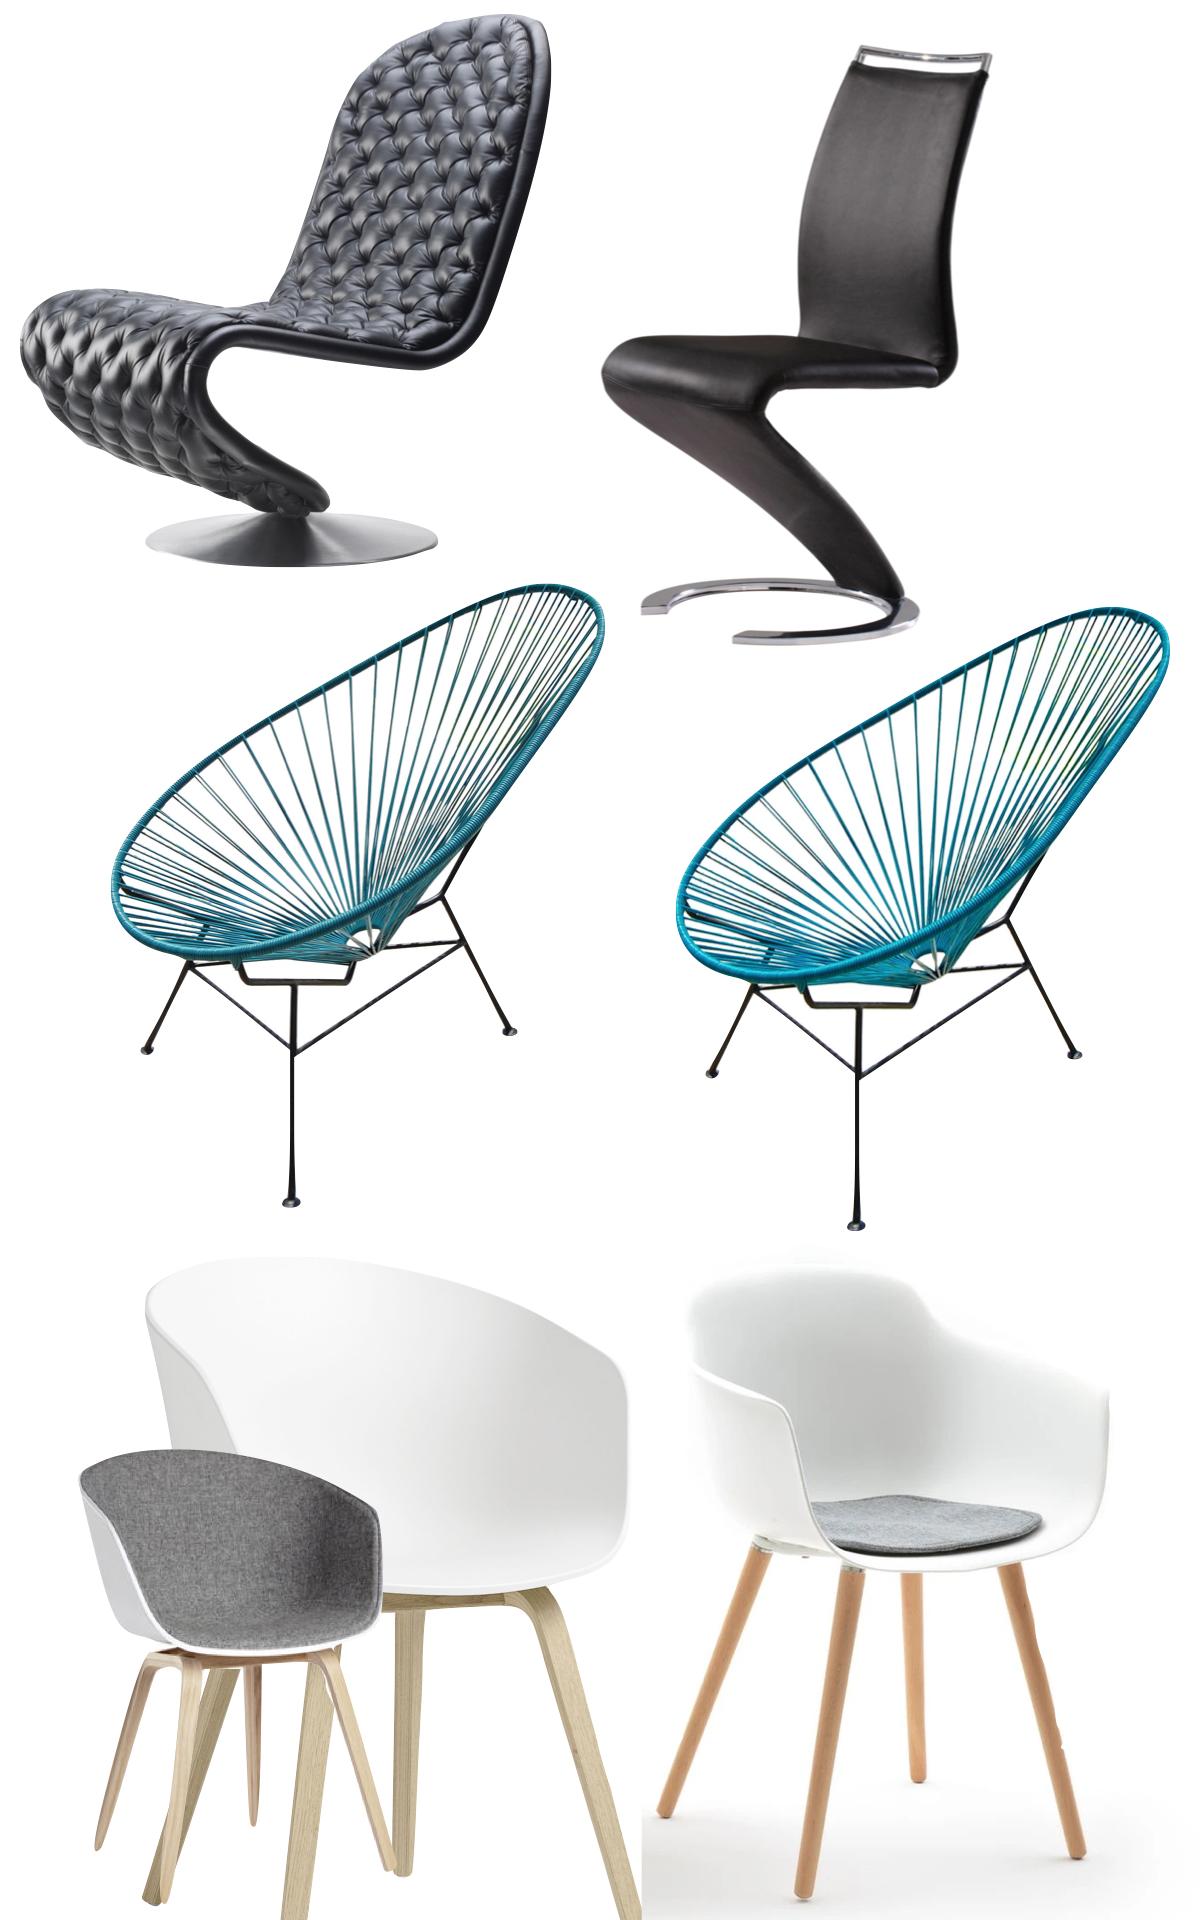 chaise original pas chère cuir scoubidou fauteuil célèbre - blog déco - clemaroundthecorner